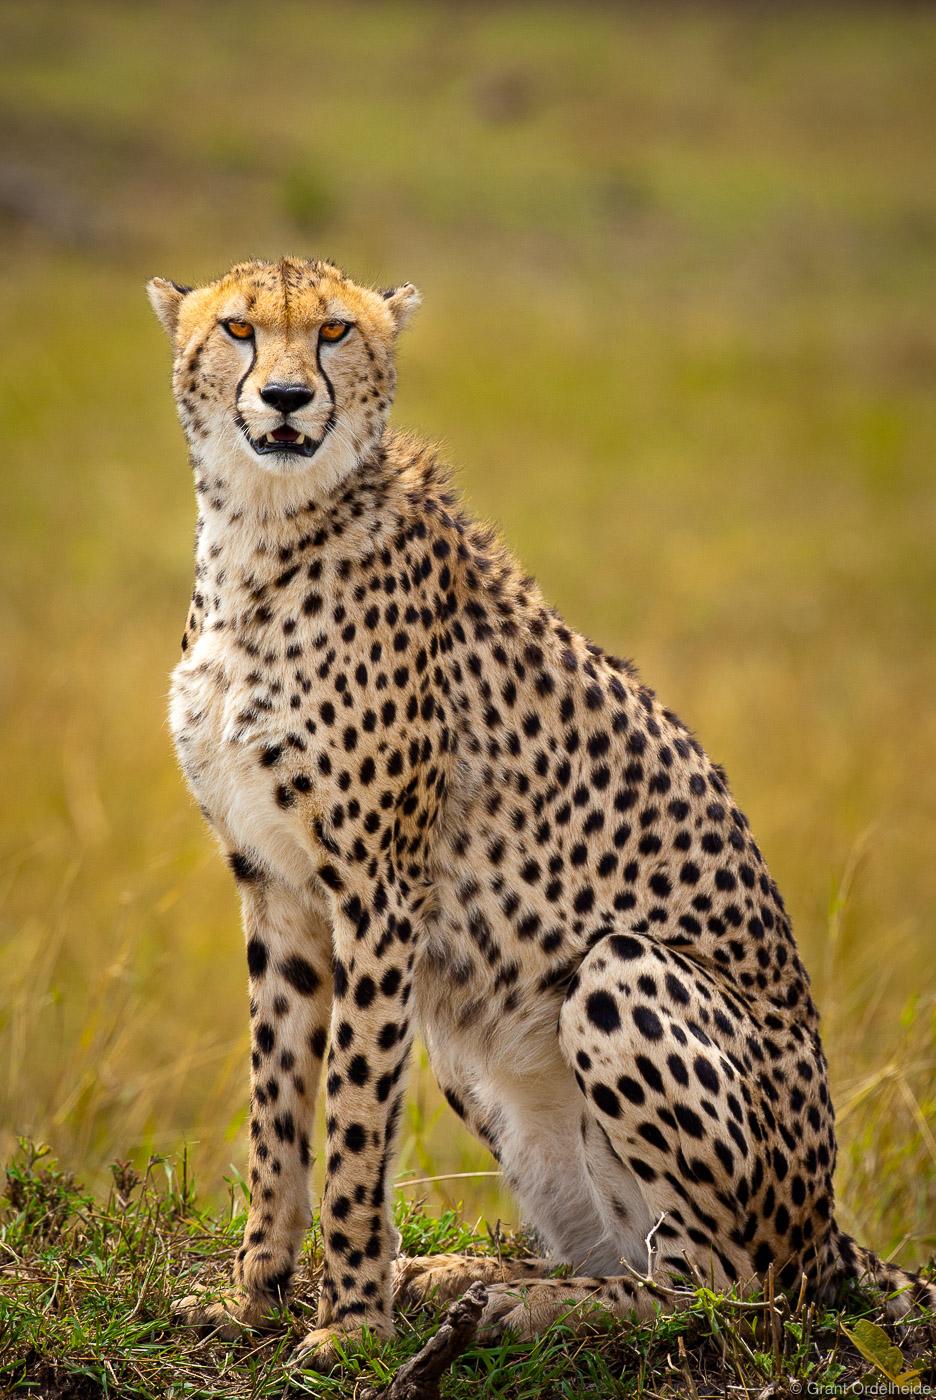 A cheetah looking out over Kenya's Masai Mara.